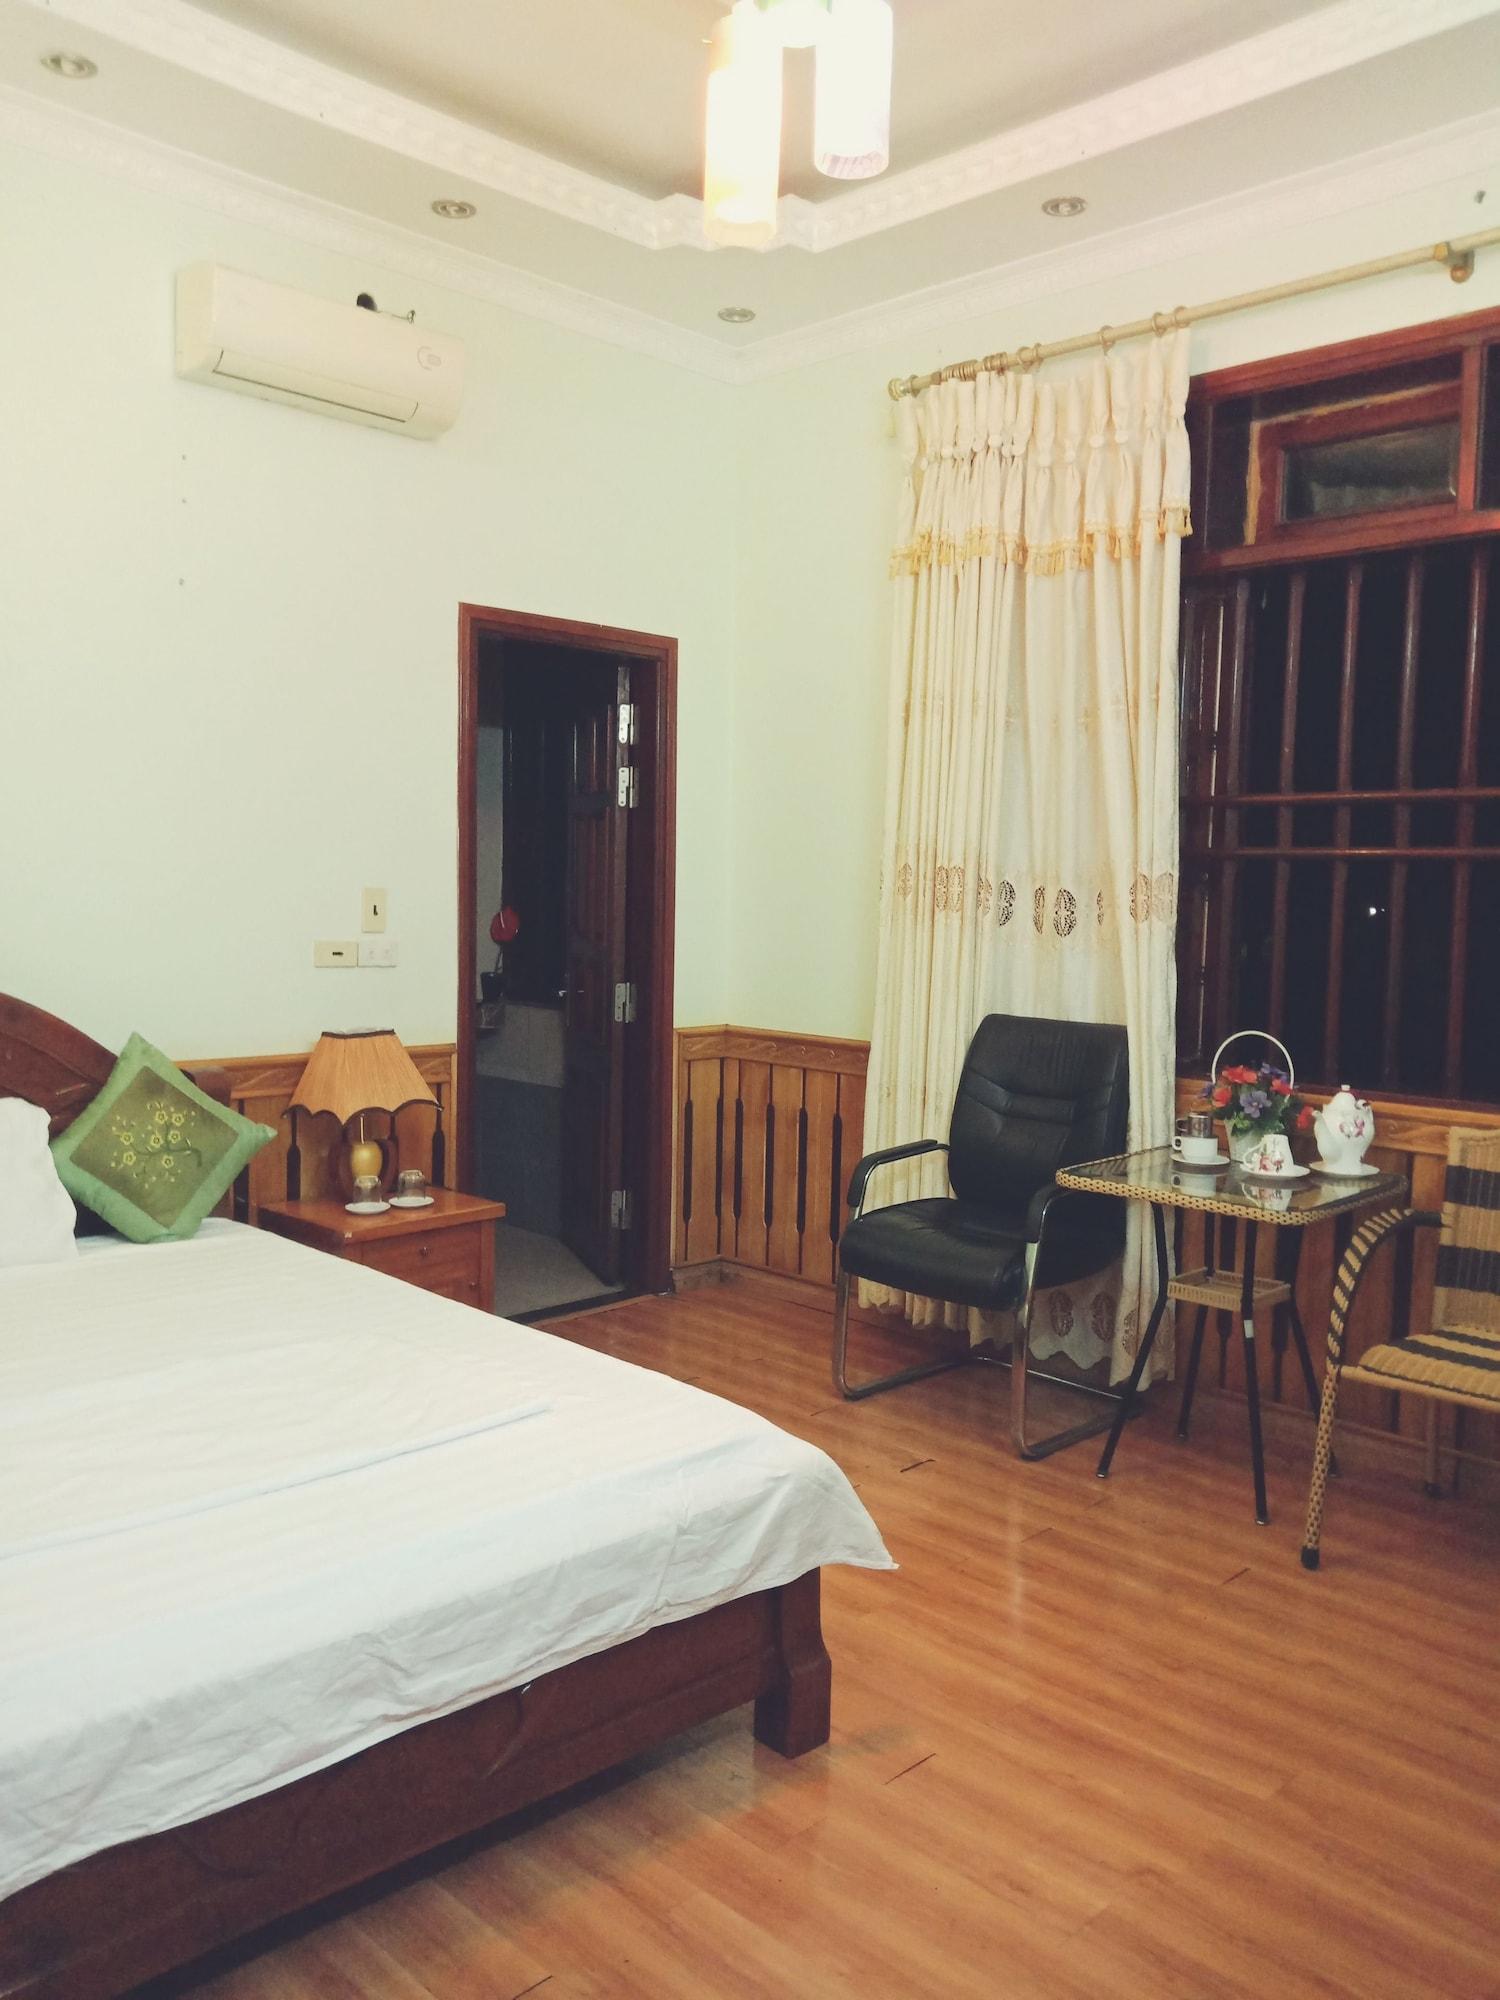 Laura Villa Homestay & Backpackers - Hostel, Ninh Bình